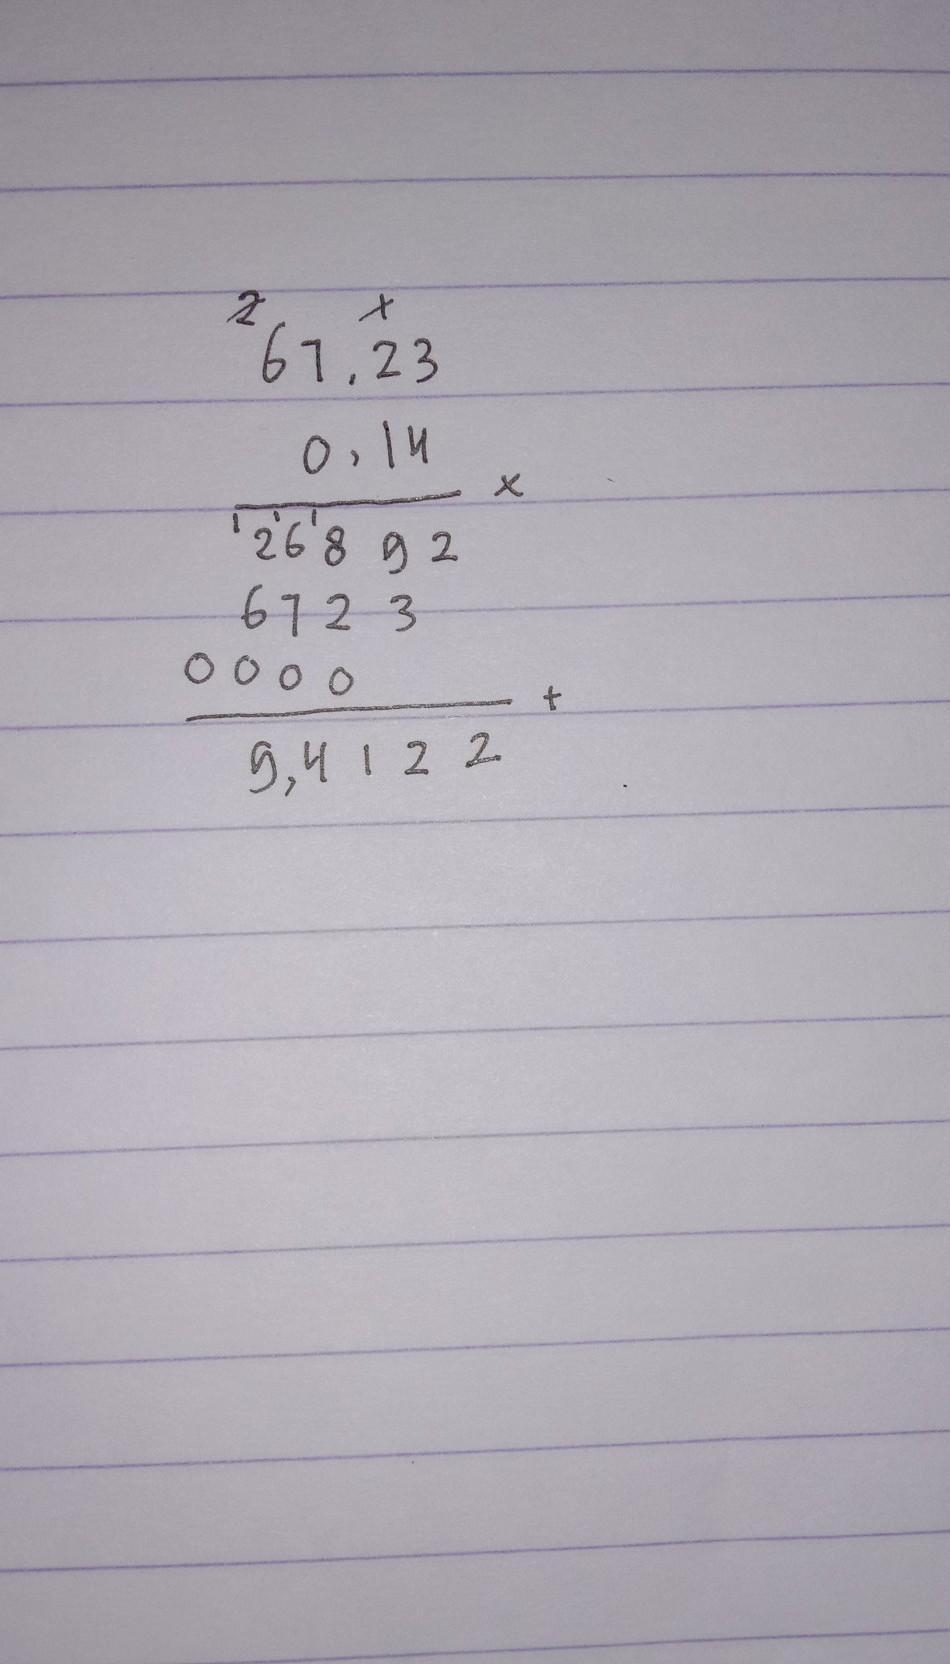 67,23 x 0,14:kalo bisa tulis dibuku - Brainly.co.id